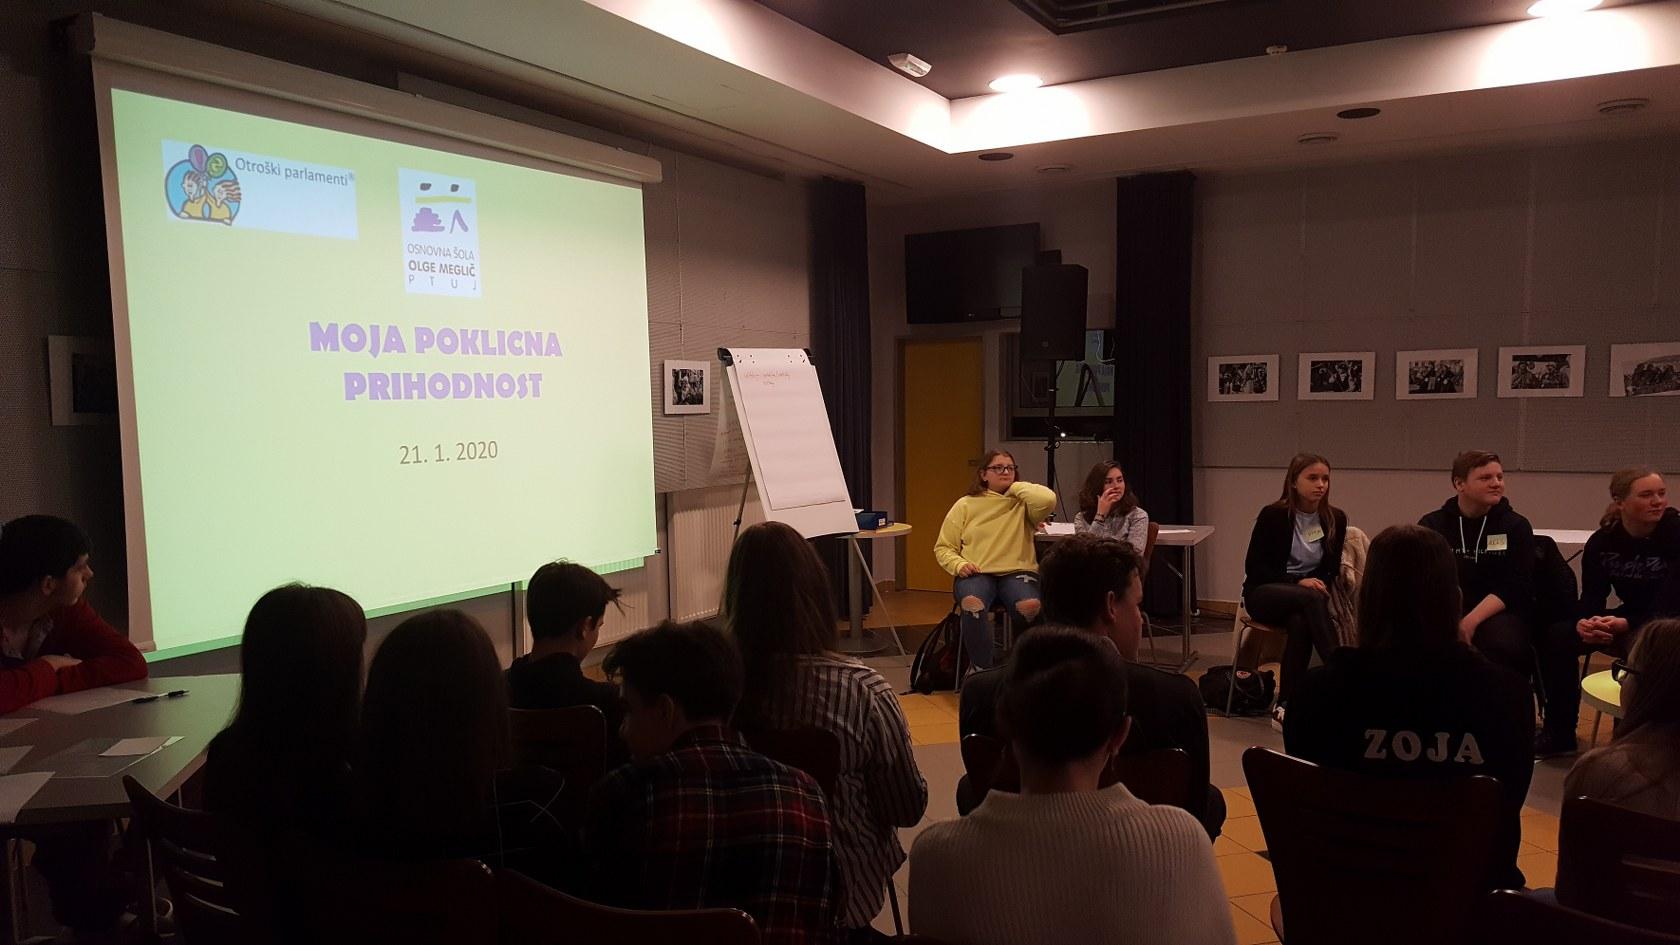 2020_01_21_obcinski_parlament-11